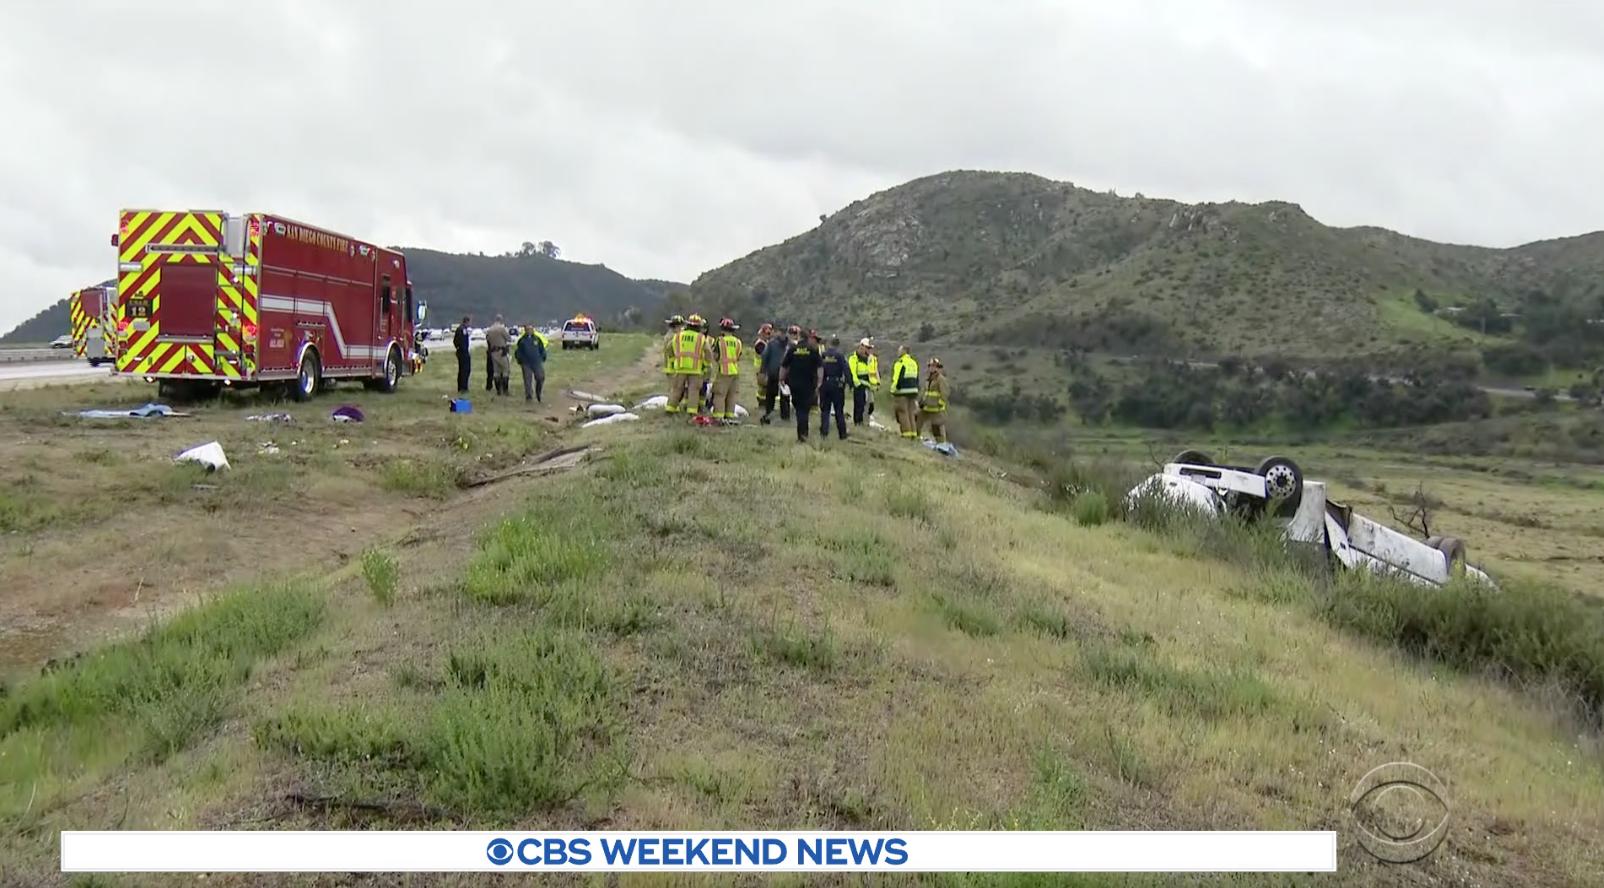 Lật xe bus ở tiểu bang California, 3 người thiệt mạng, 18 người bị thương